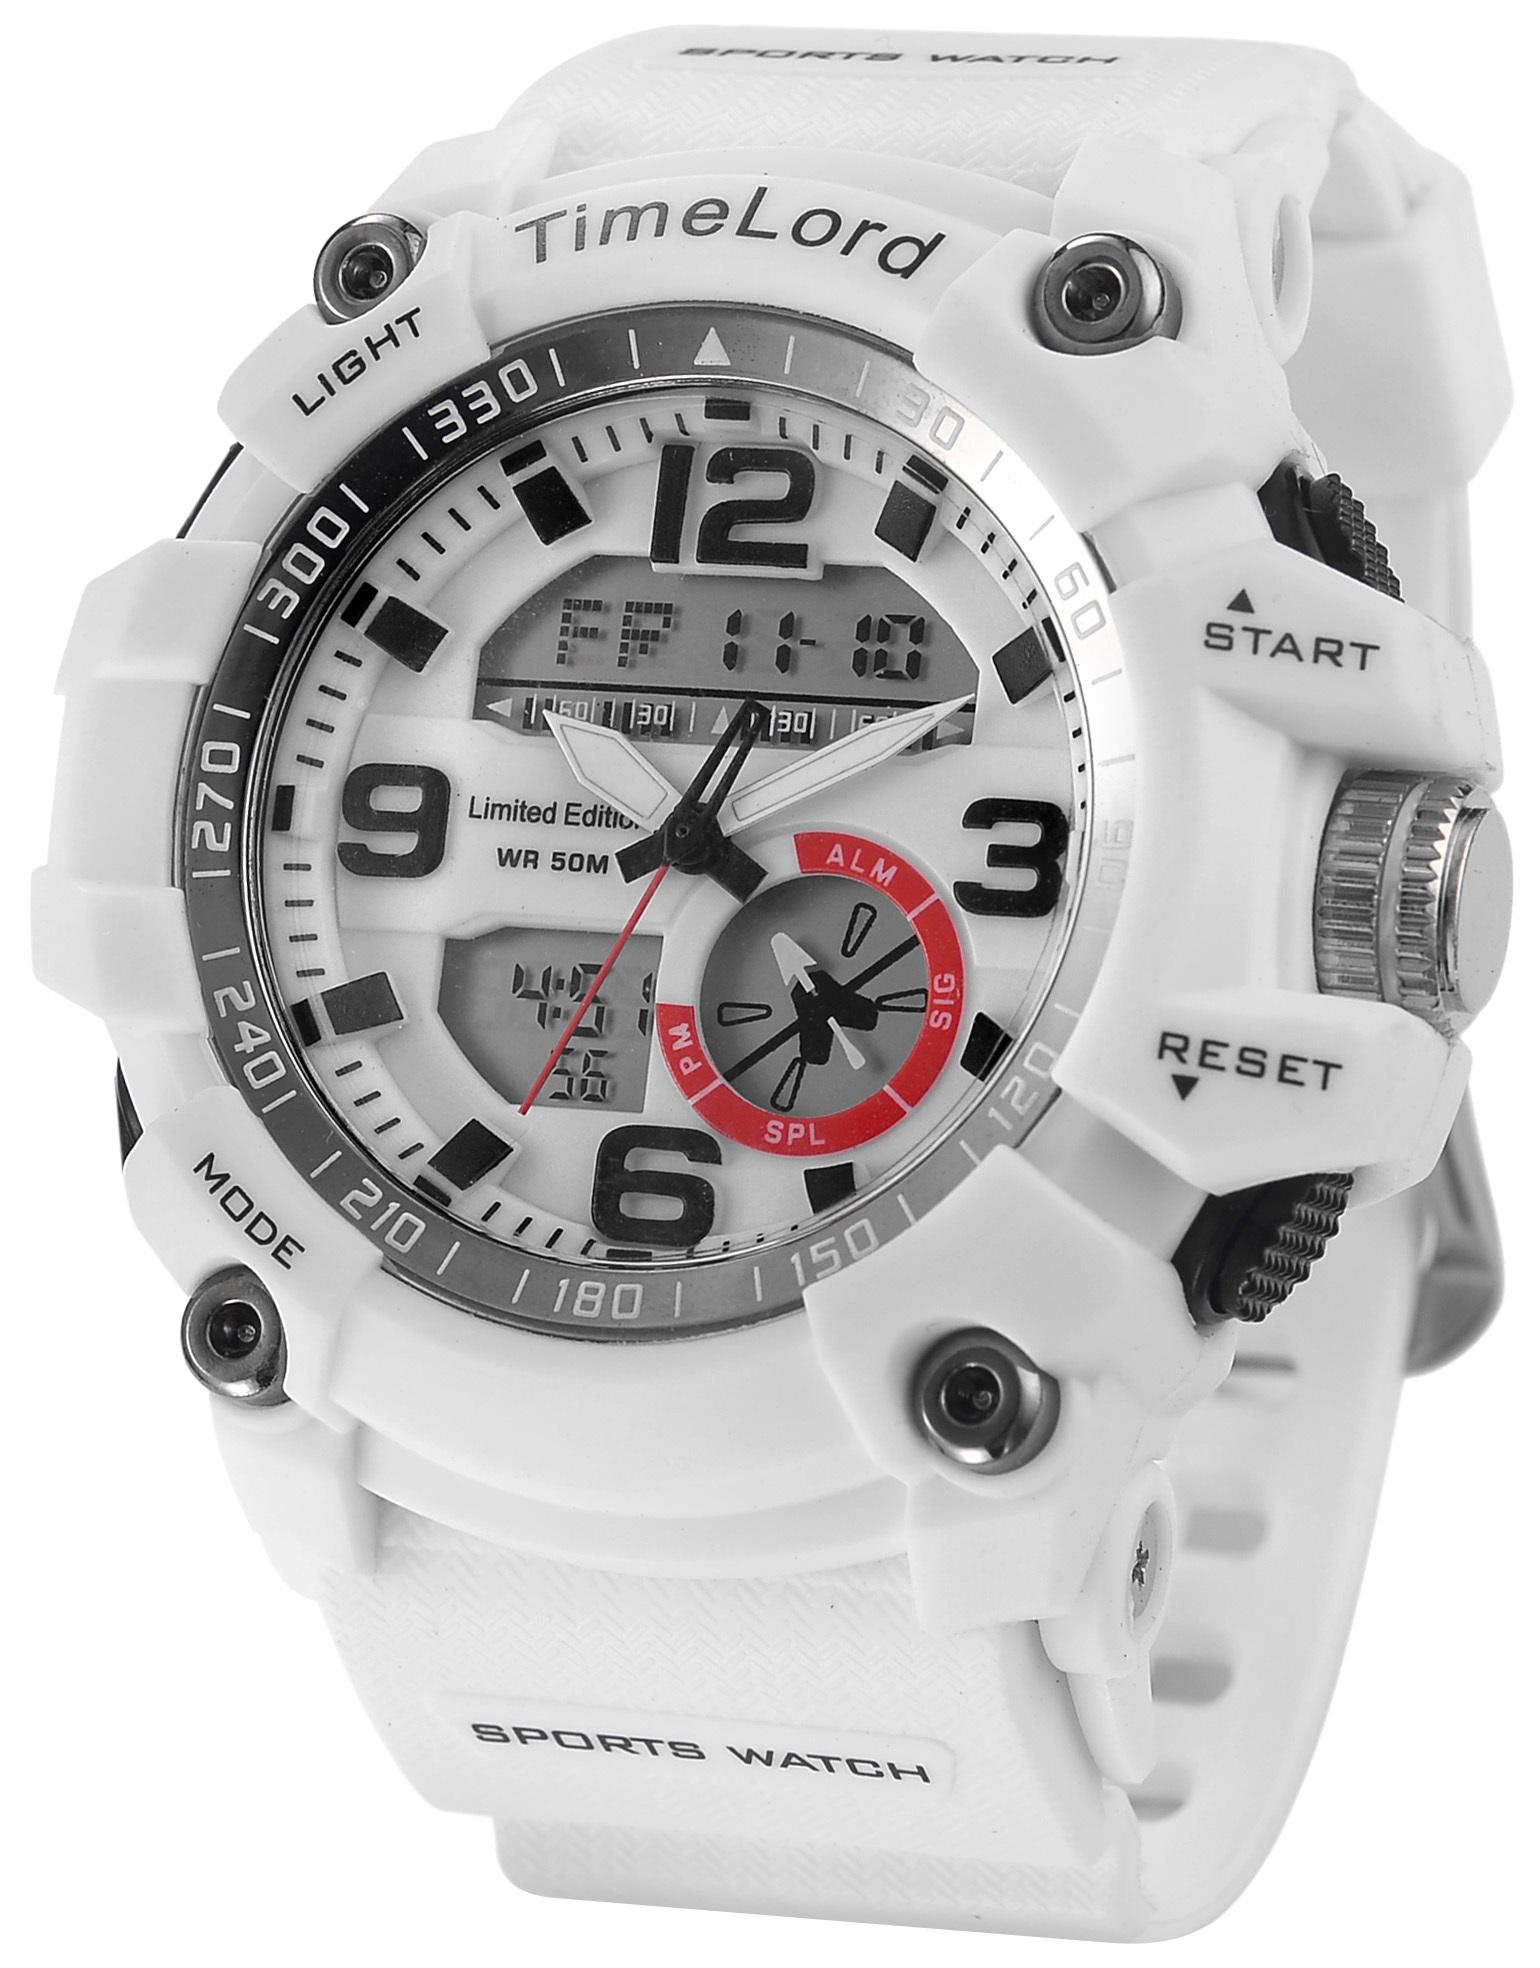 Męski Zegarek Sportowy TimeLord Biały Super Design